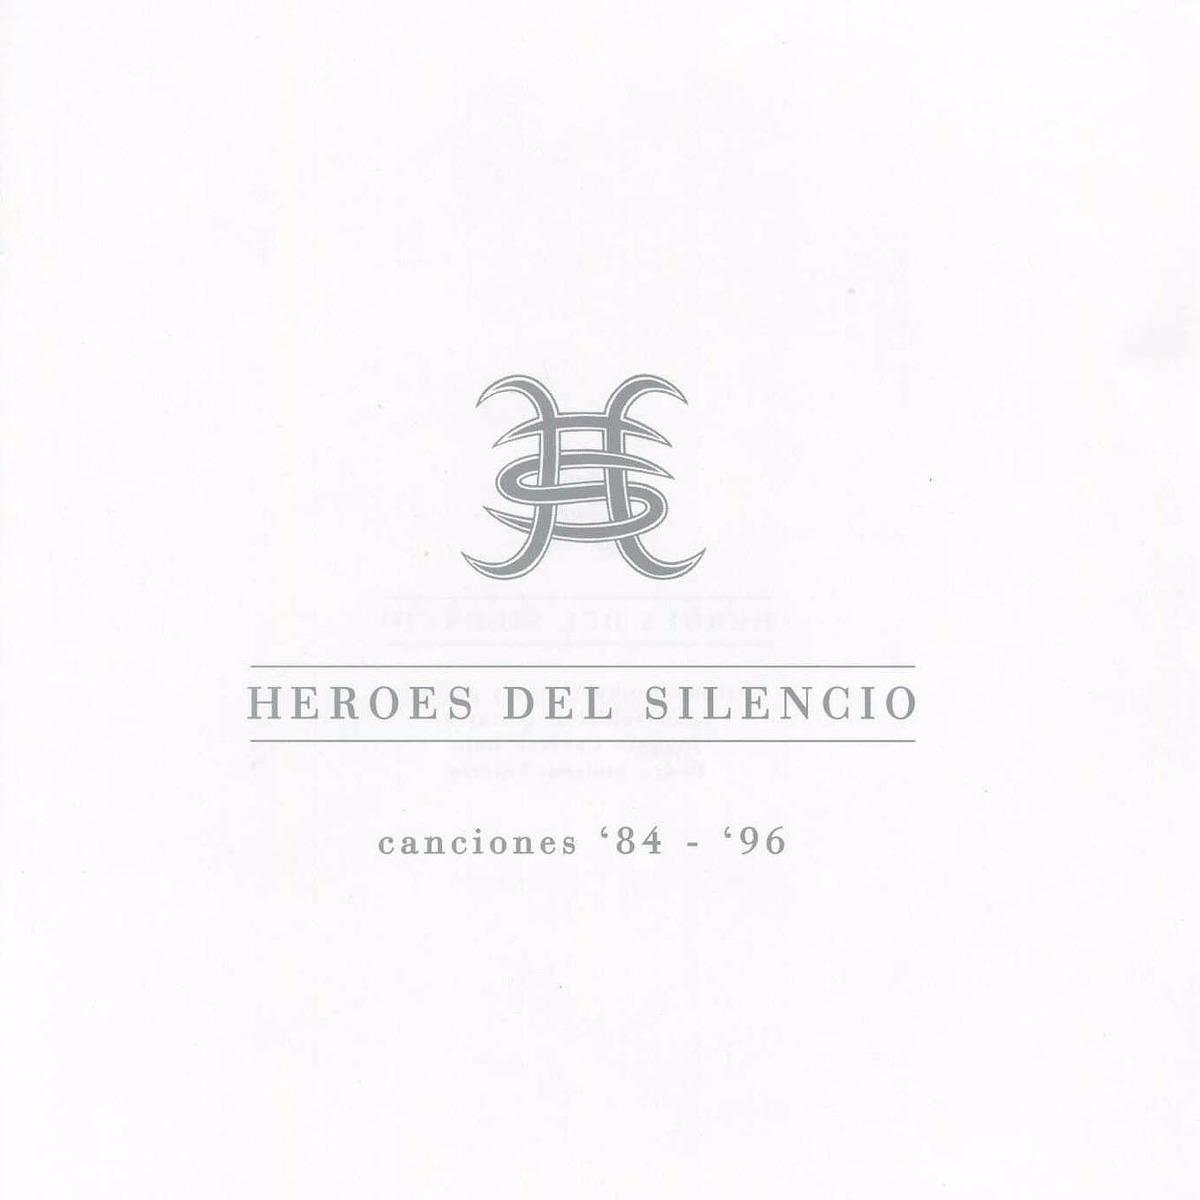 GRANDE BUNBURY - Página 8 Heroes-del-silencio-2-cds-canciones-84-96-nuevo-original-D_NQ_NP_894815-MLV25307487366_012017-F